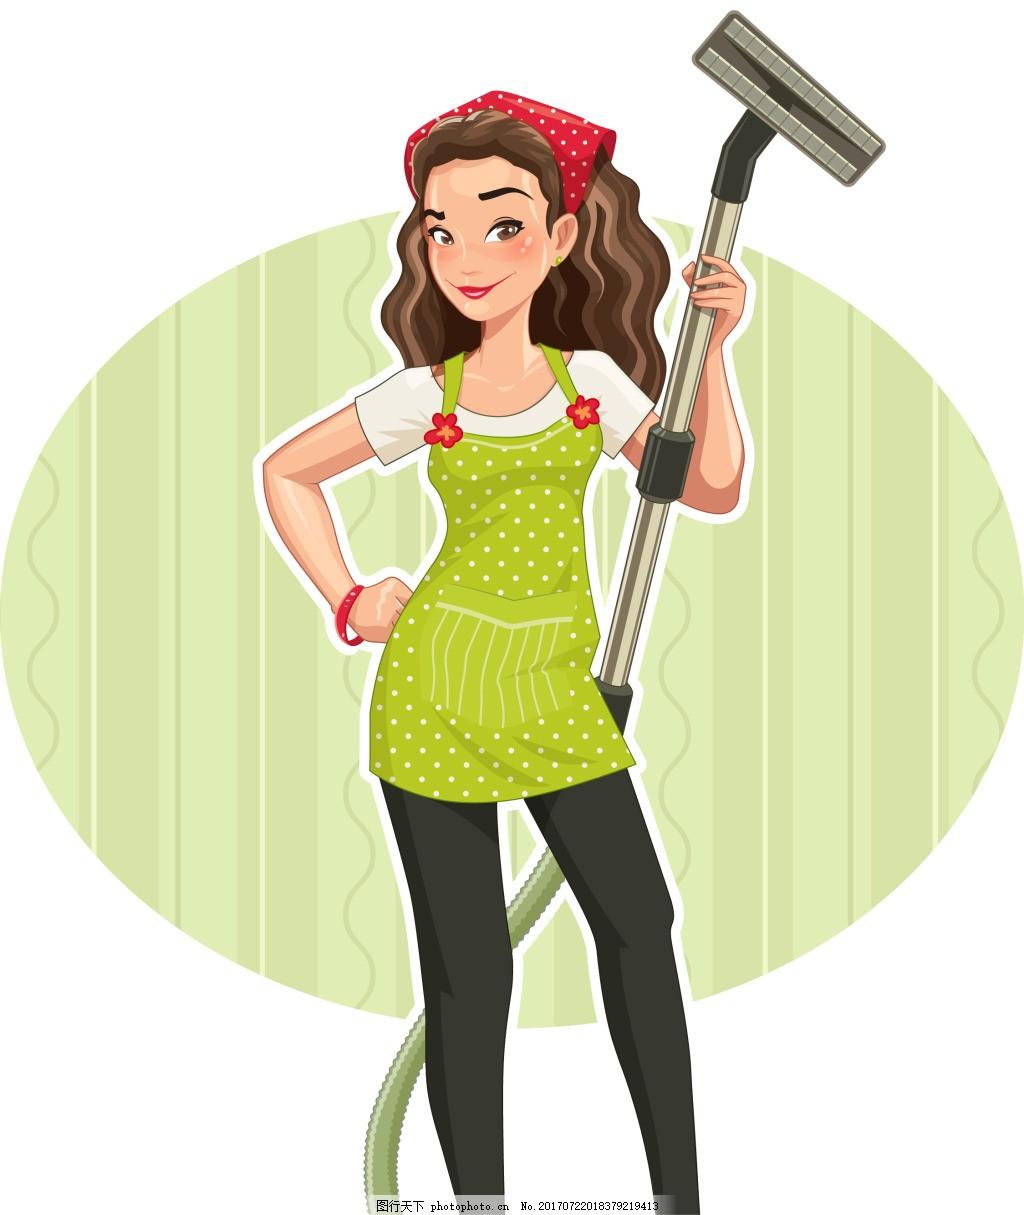 做家务的女人插画 人物 家庭主妇 吸尘 卡通 妈妈 围裙